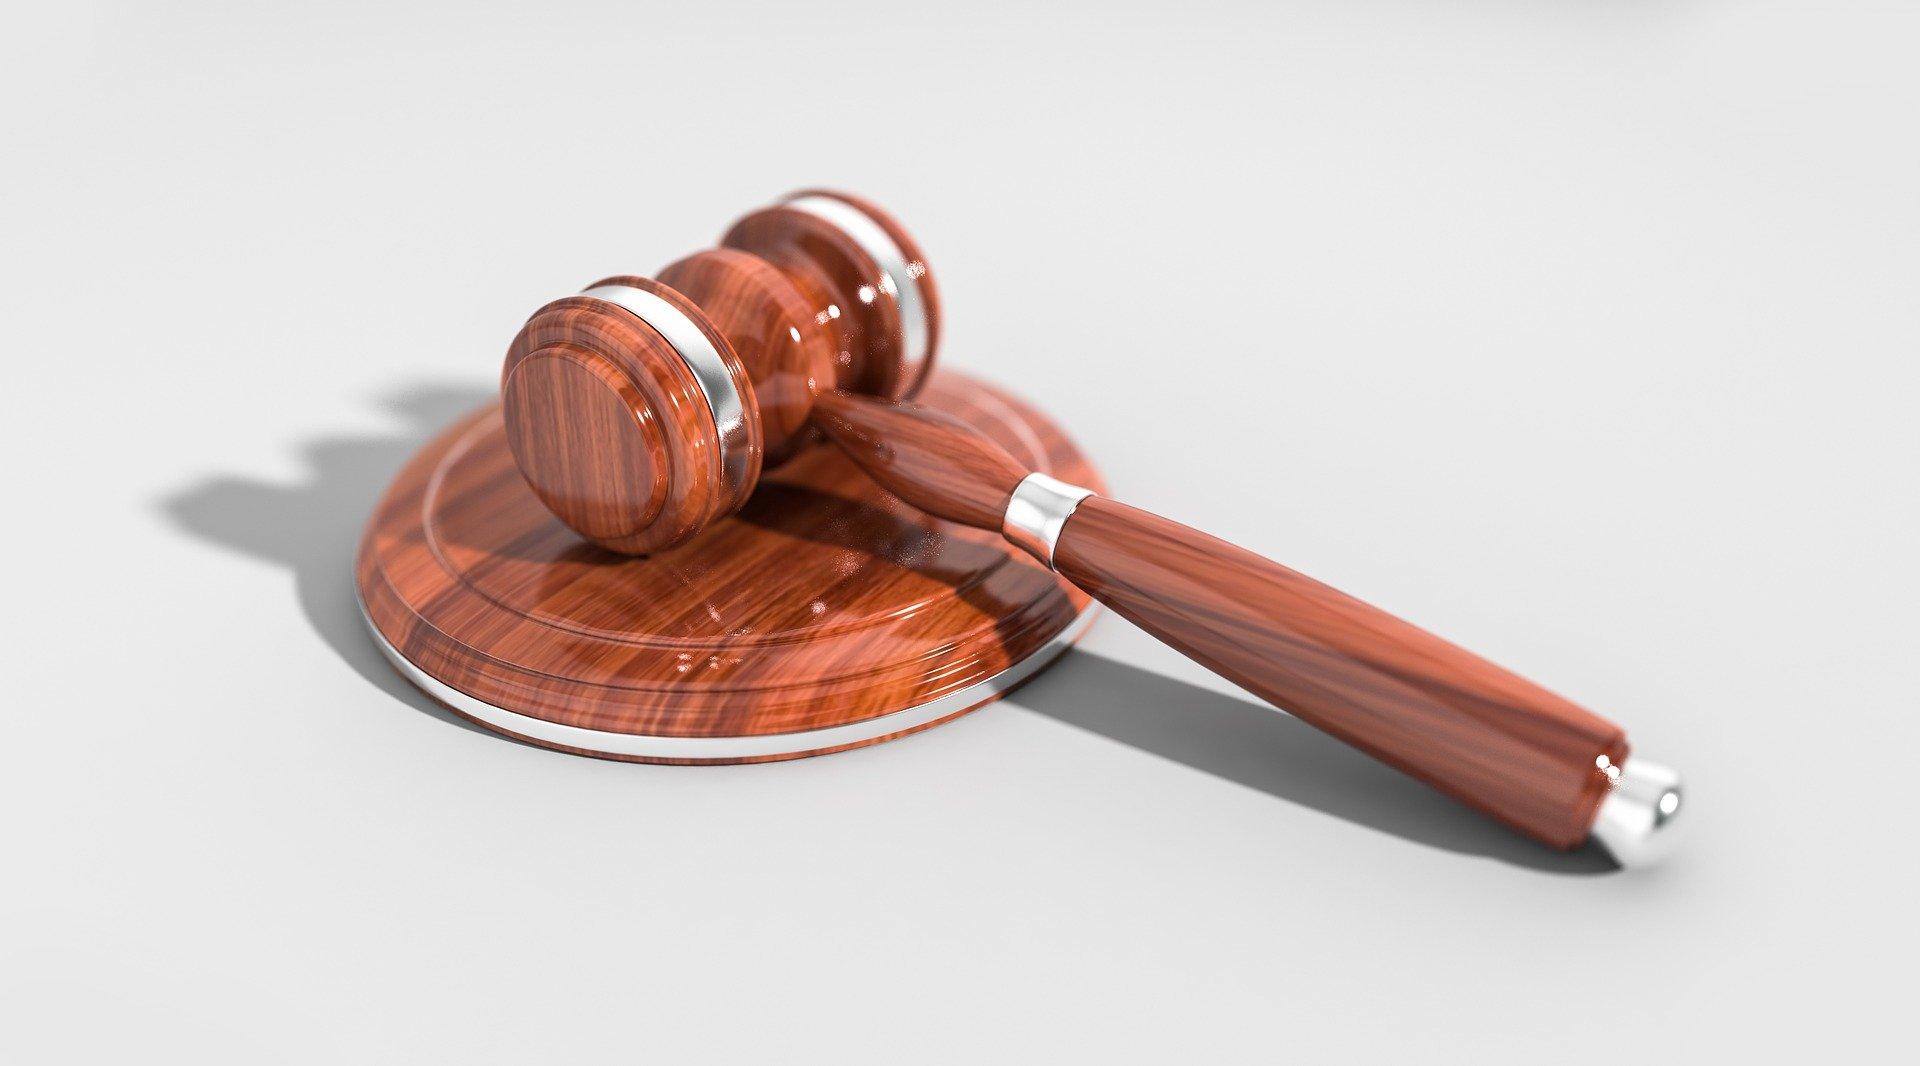 ¿Cuáles son los desafíos legales que enfrentan las criptomonedas y la salida?